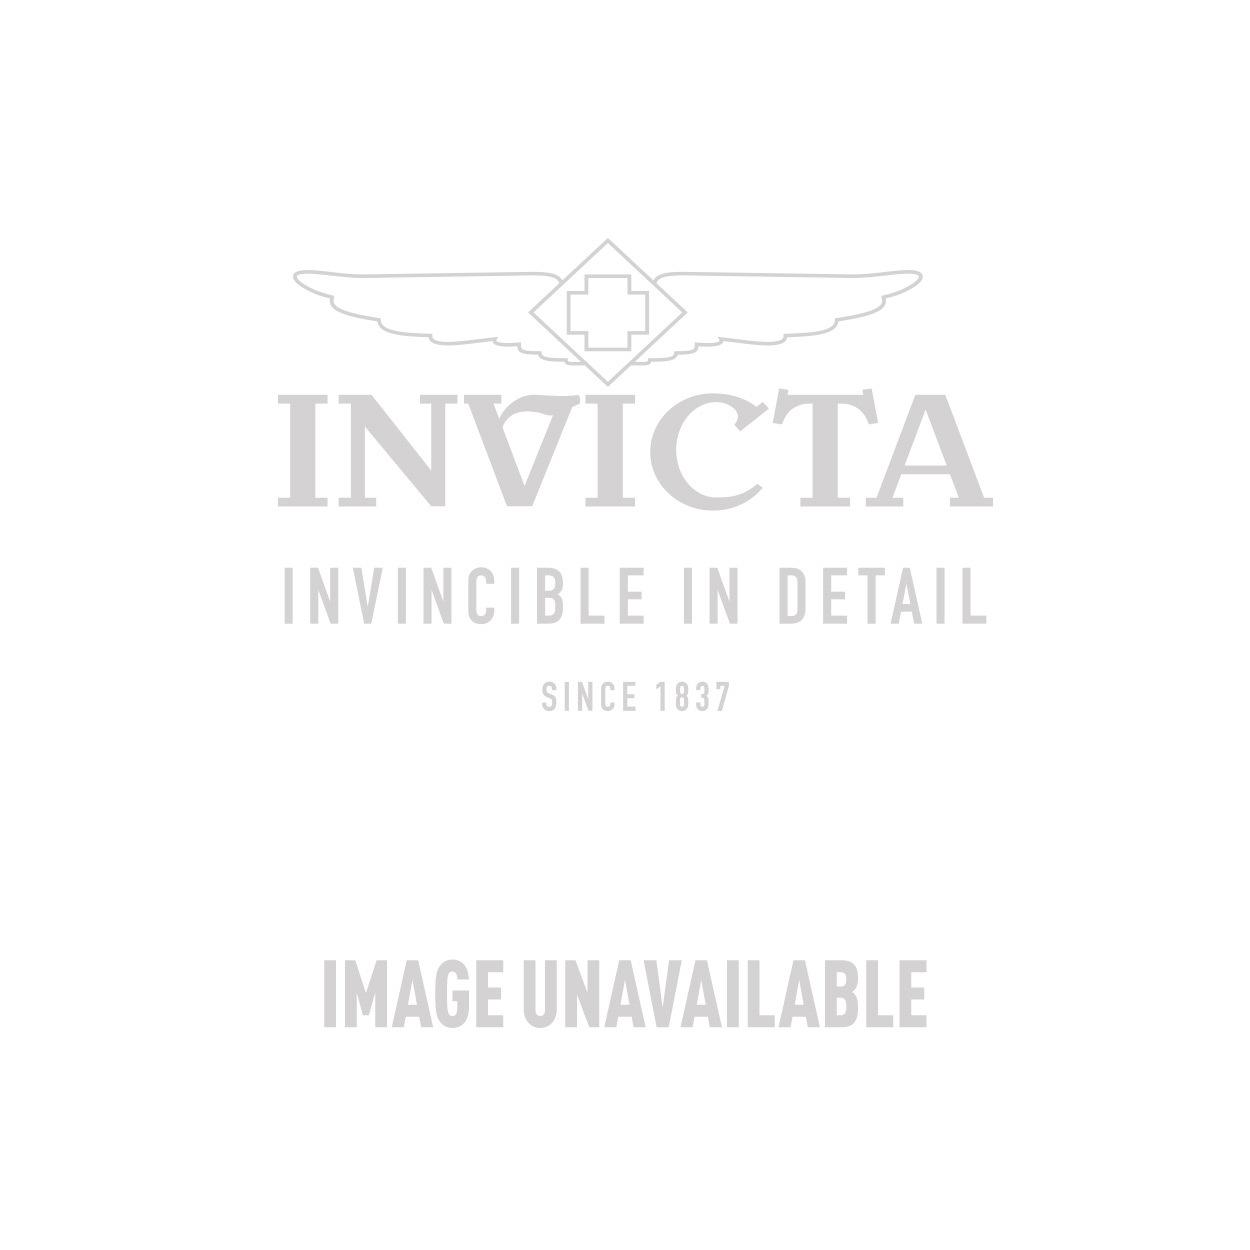 Invicta Subaqua  NOMA III Mens Quartz 50mm Rose Gold Case  Stainless Steel Dial Model  - 16873